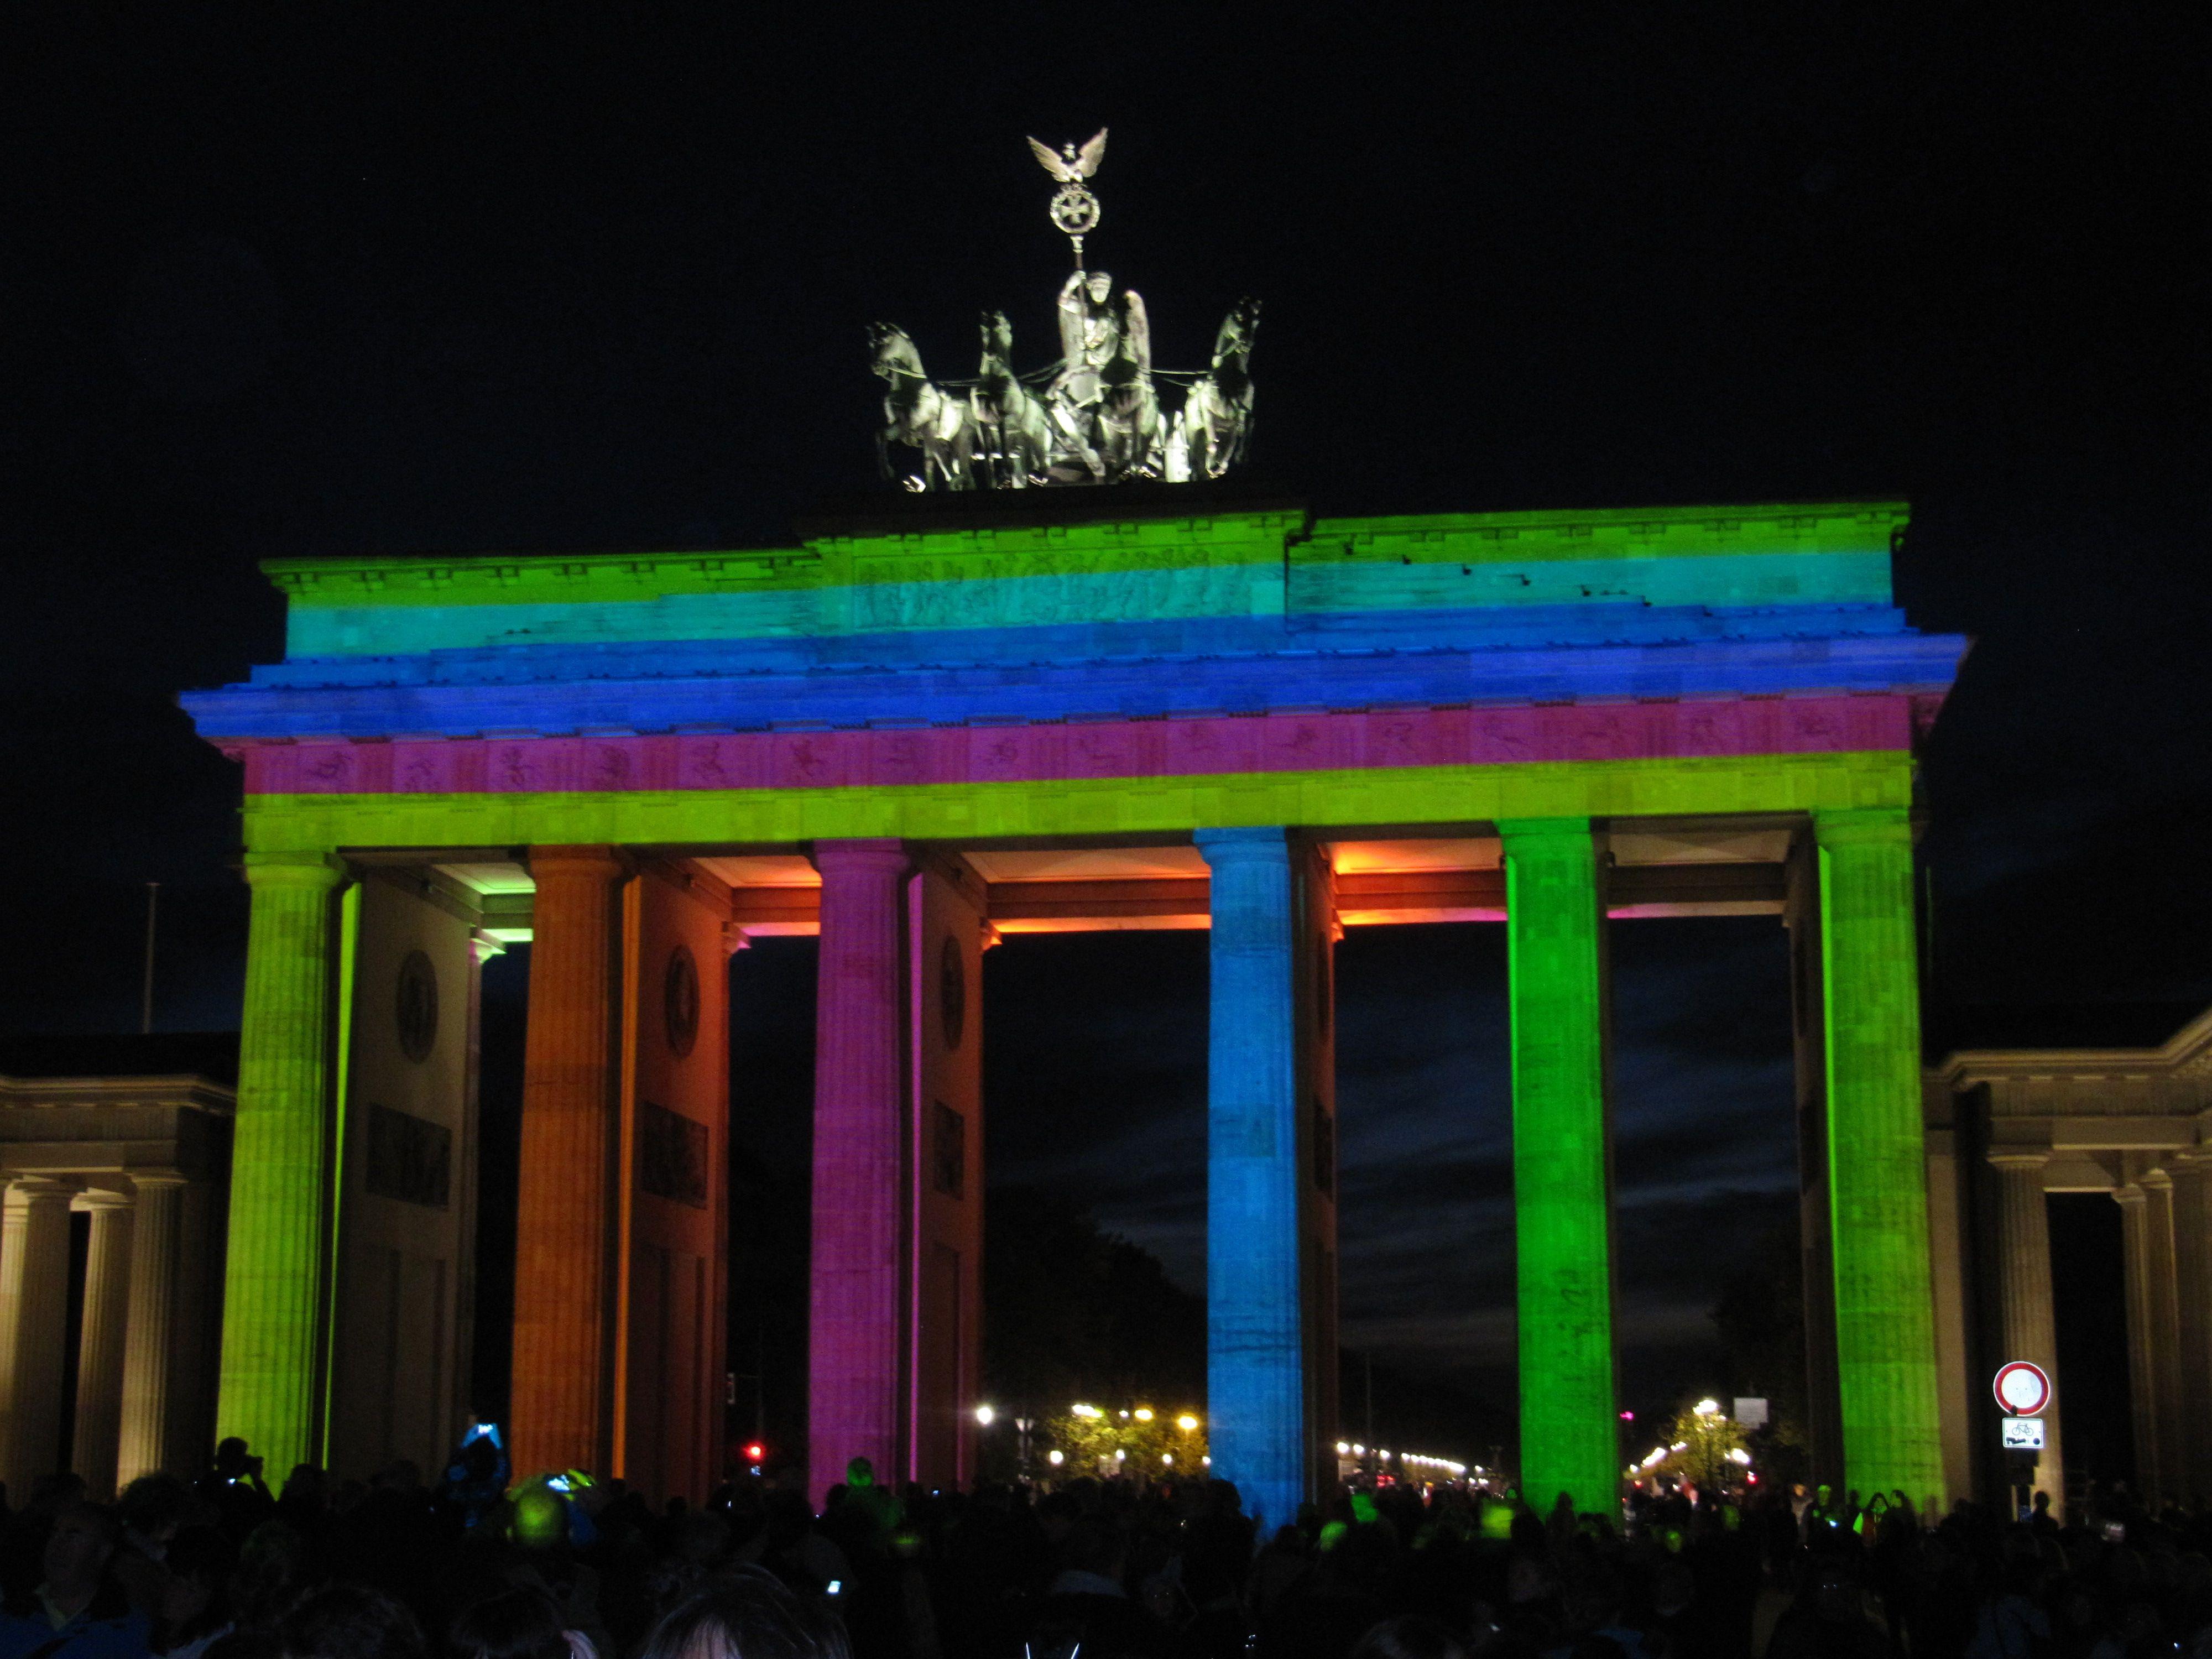 Festival Of Lights In Berlin Berlin